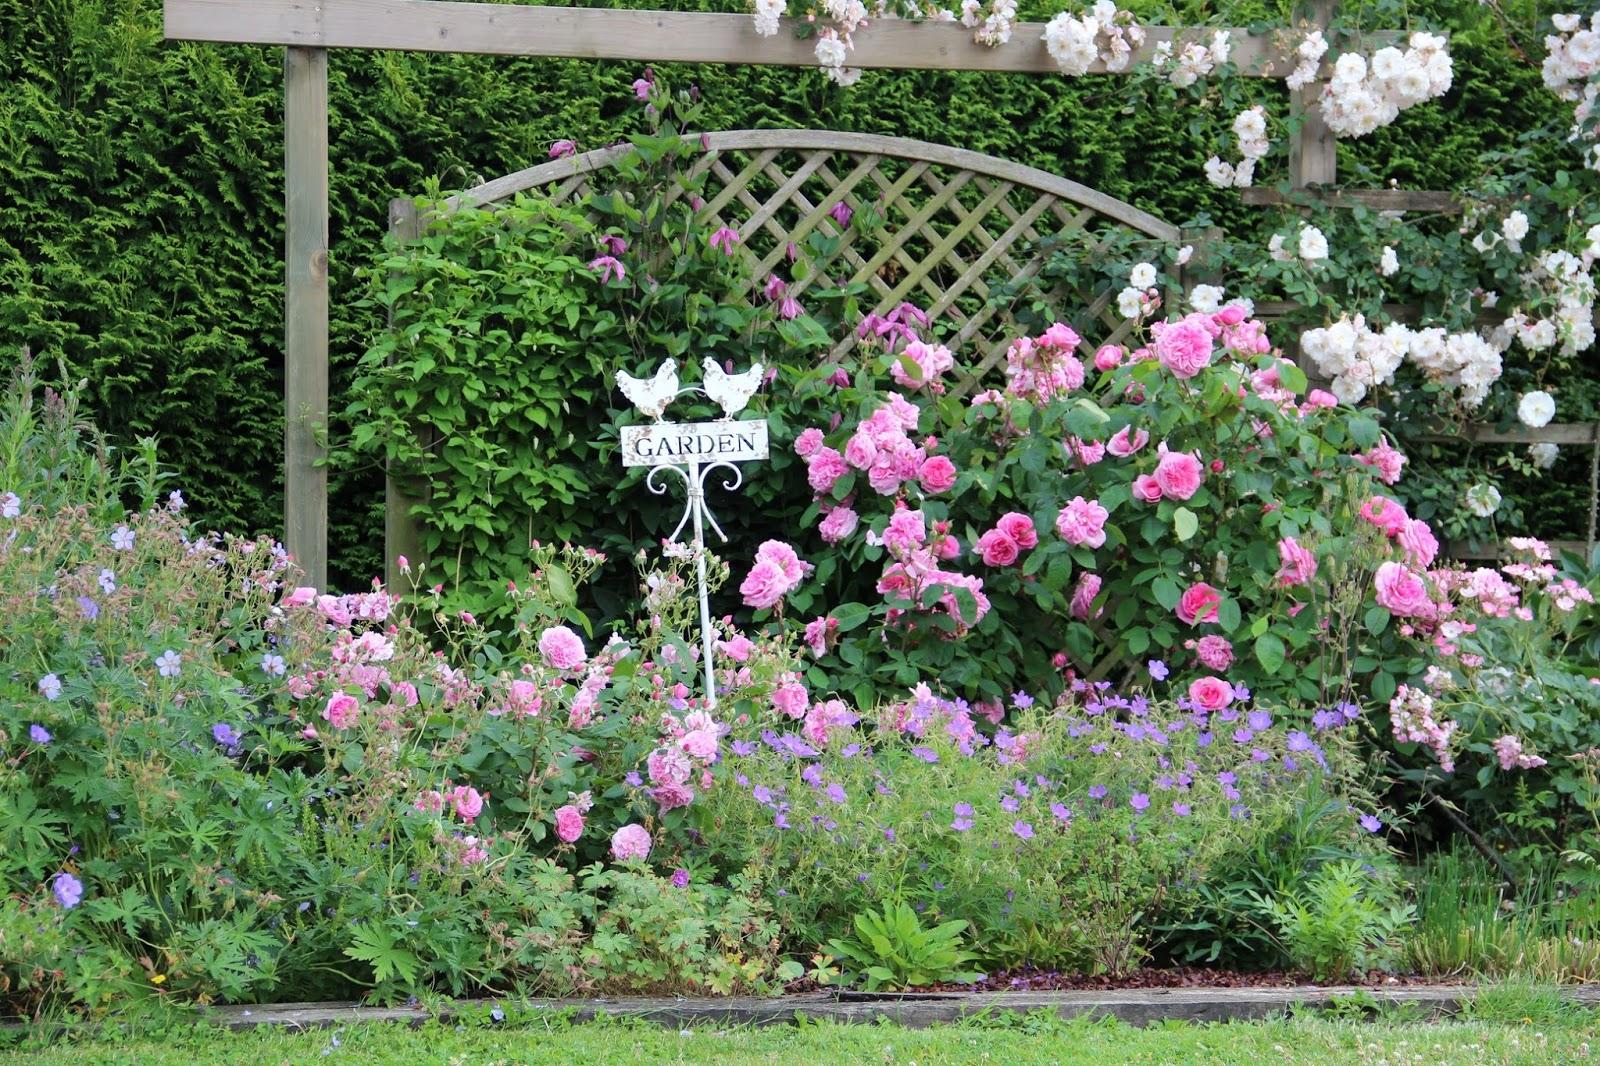 Derri re les murs de mon jardin p riple en belgique jour 1 le jardin de b - Derriere les murs de mon jardin ...